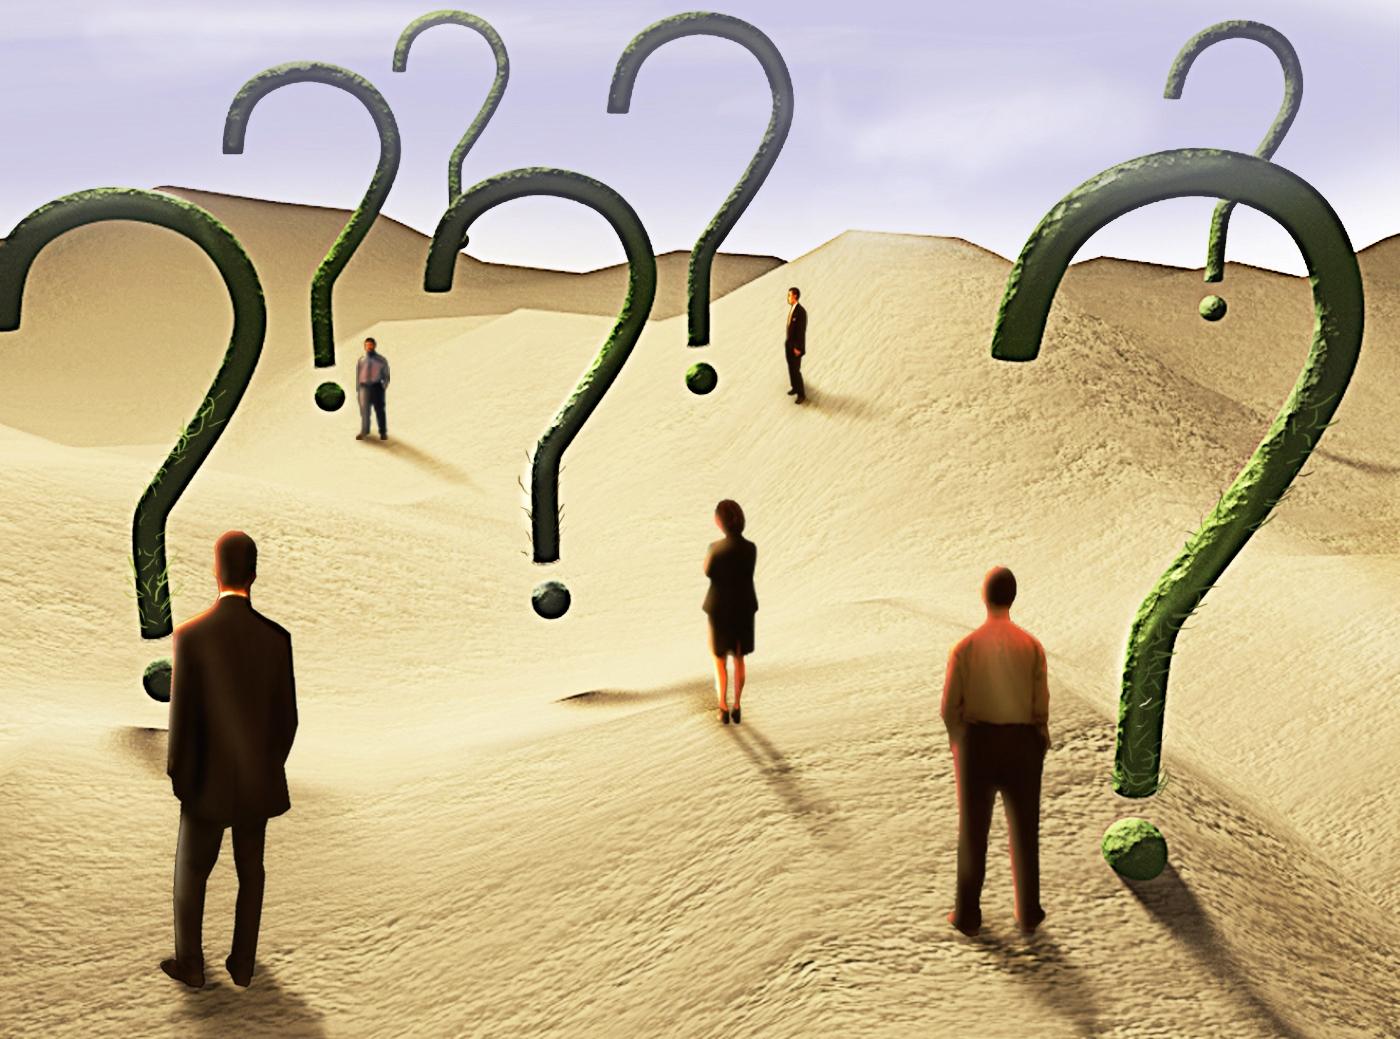 عدم قطعیت در استراتژی؛ جهان بیثبات، غیرقطعی، پیچیده و مبهم